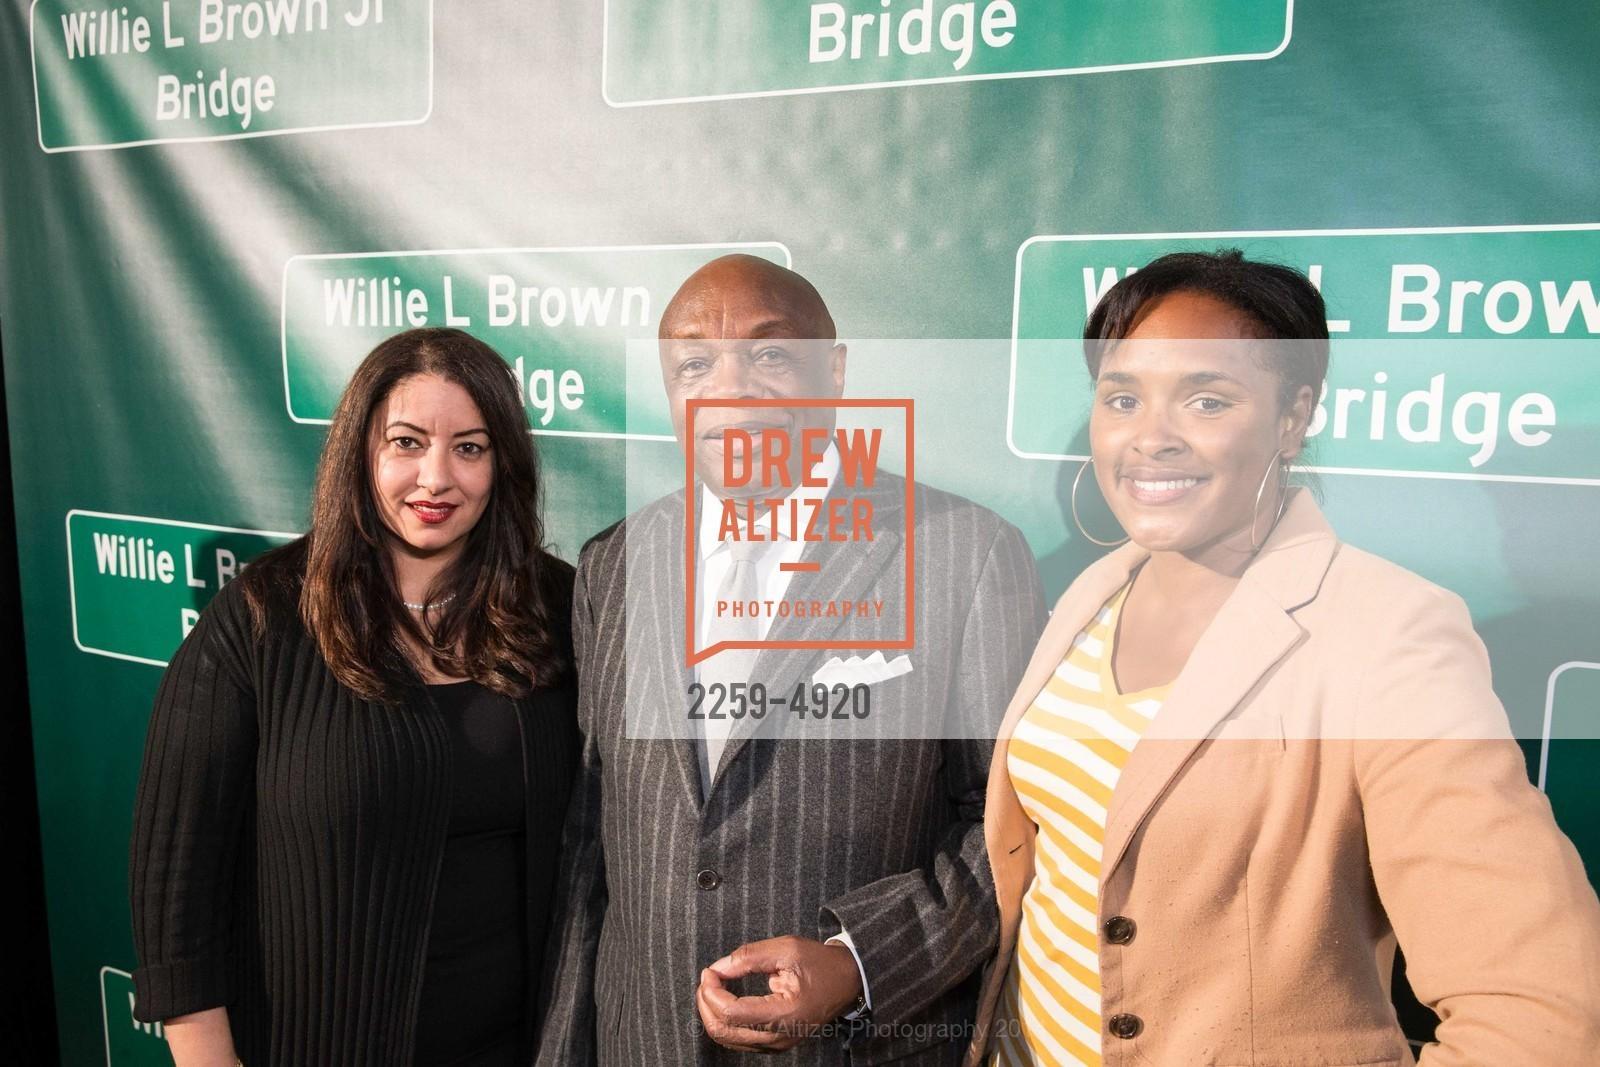 Willie Brown, Photo #2259-4920